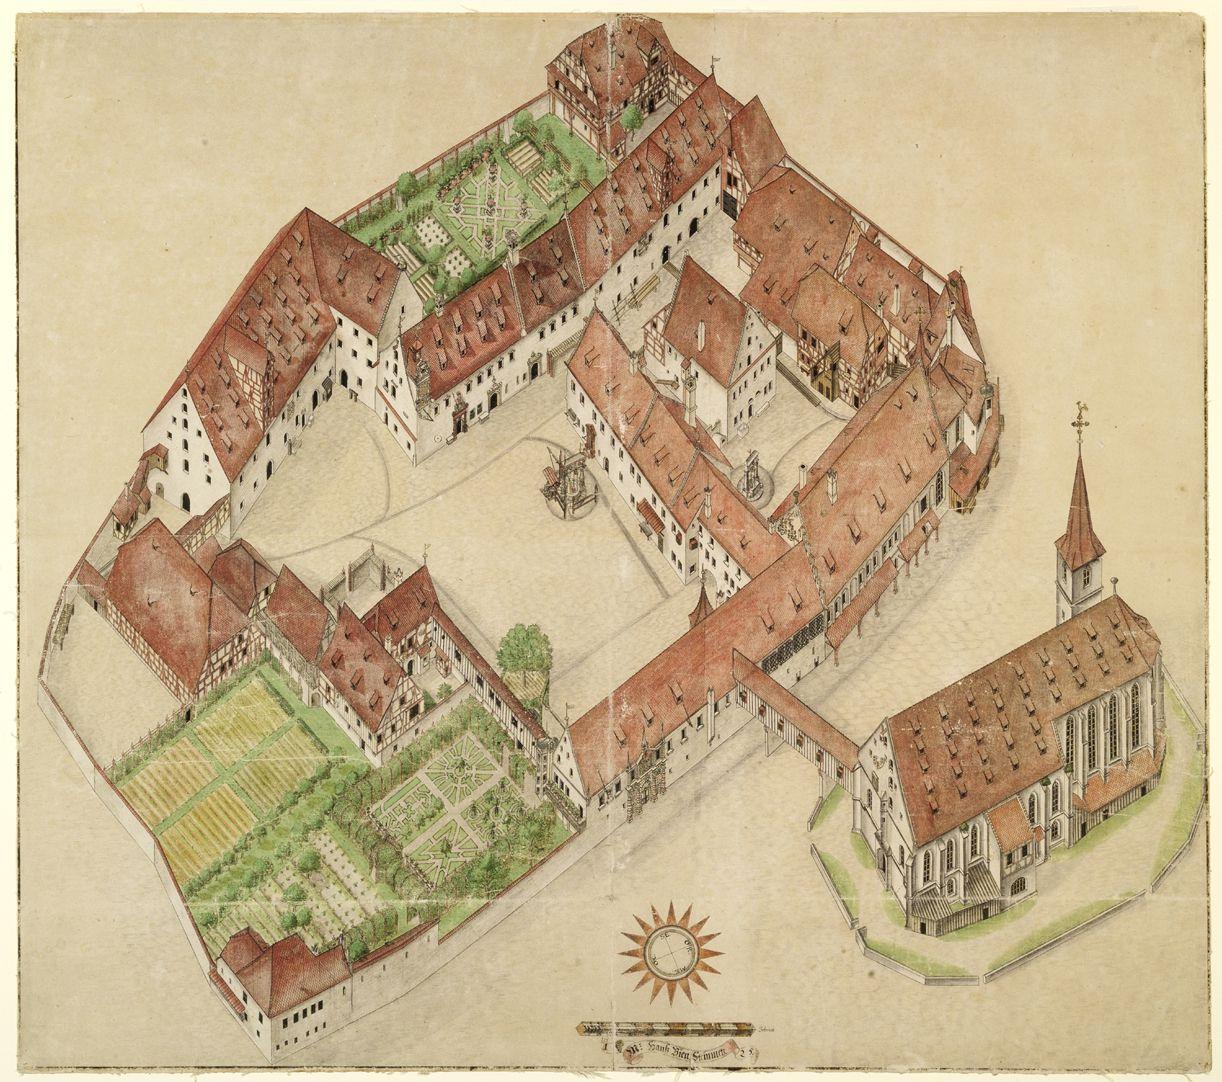 Isometrischer Riss des Deutschen Hauses zu Nürnberg aus der Vogelschau, von Südwest ausgesehen Gesamtansicht. Es handelt sich um die bis Dato genaueste Bestandsaufnahme eines Gebäudekomplexes überhaupt, das bis auf uns gekommen ist.